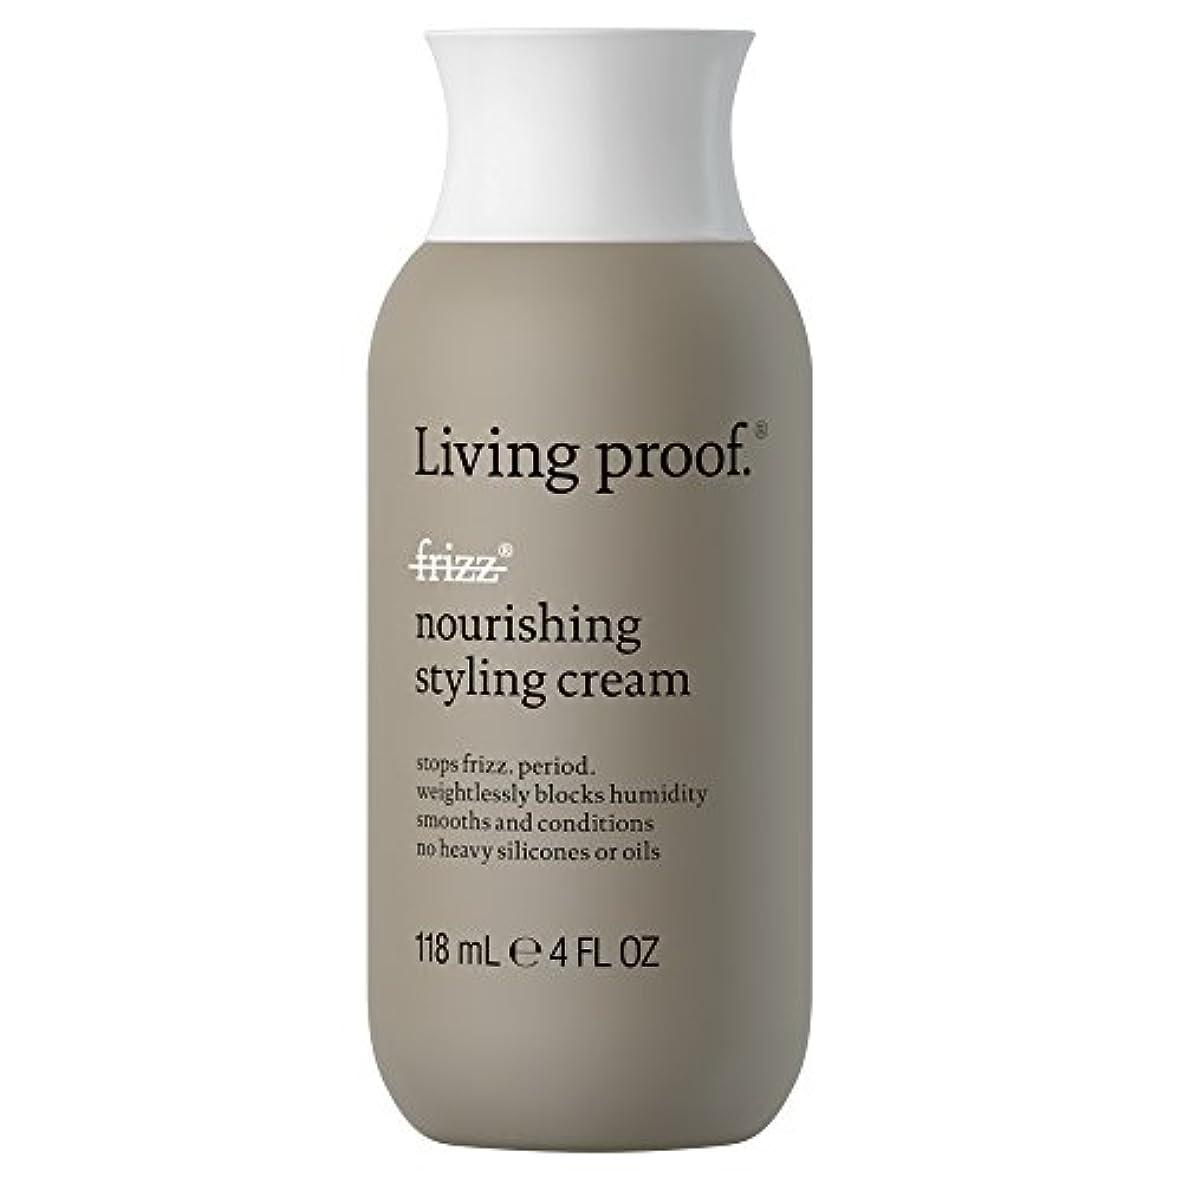 ショップシプリーオーバーフロー生きている証拠なし縮れ栄養スタイリングクリーム118ミリリットル (Living Proof) (x2) - Living Proof No Frizz Nourishing Styling Cream 118ml (Pack of 2) [並行輸入品]